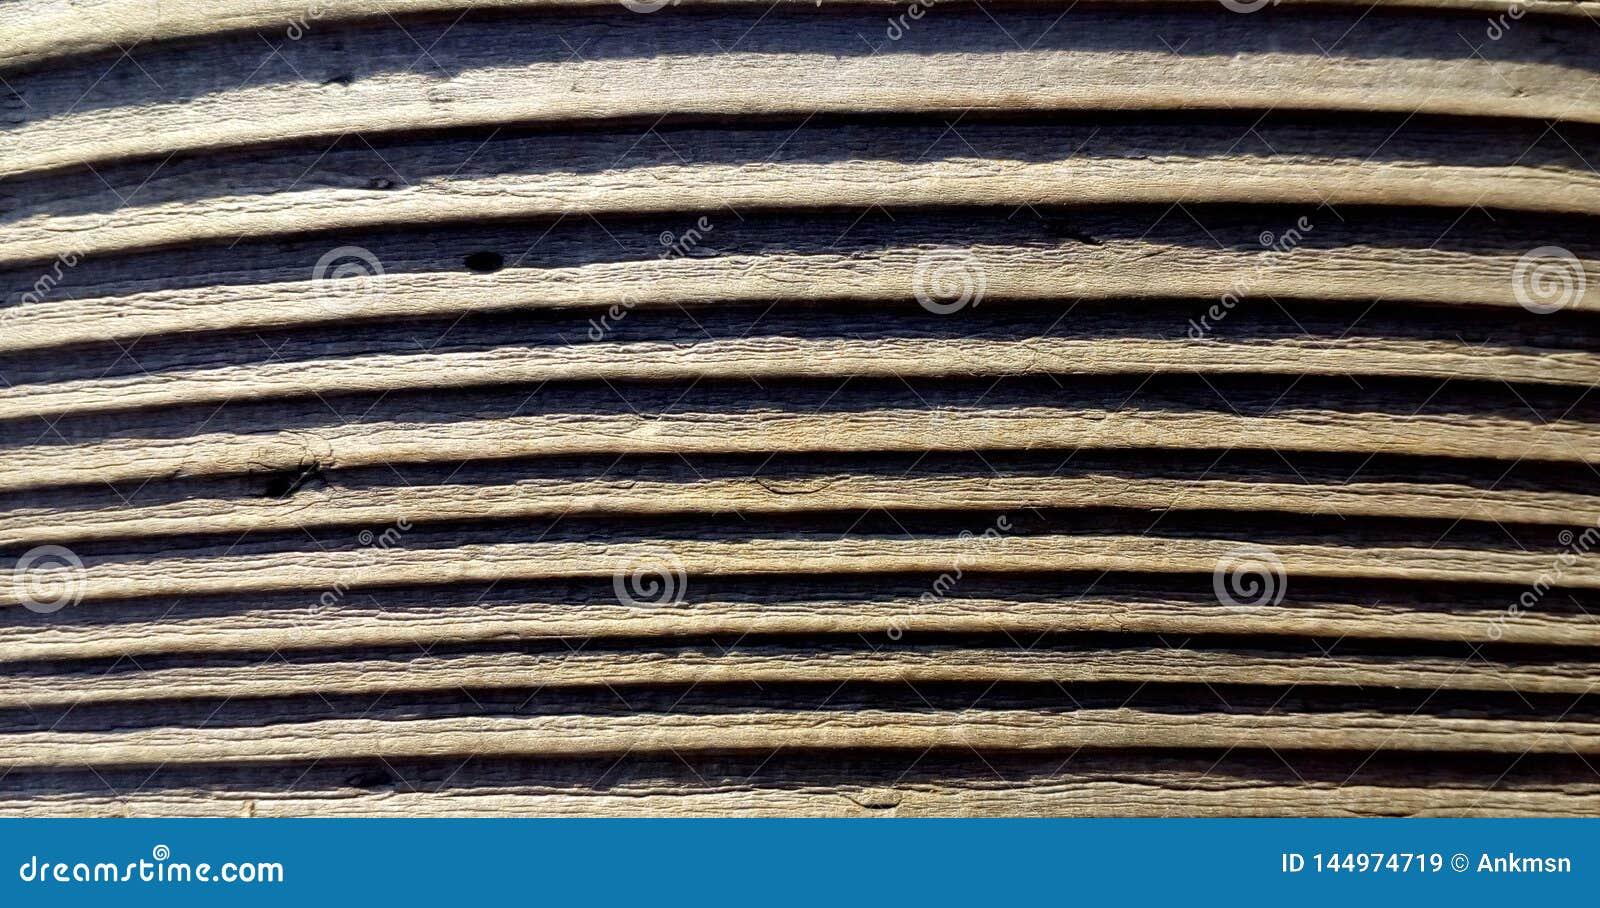 Παλαιό ξύλινο υπόβαθρο σύστασης Κλείστε επάνω τα ξύλινα υπόβαθρα Φύση κινηματογραφήσεων σε πρώτο πλάνο r